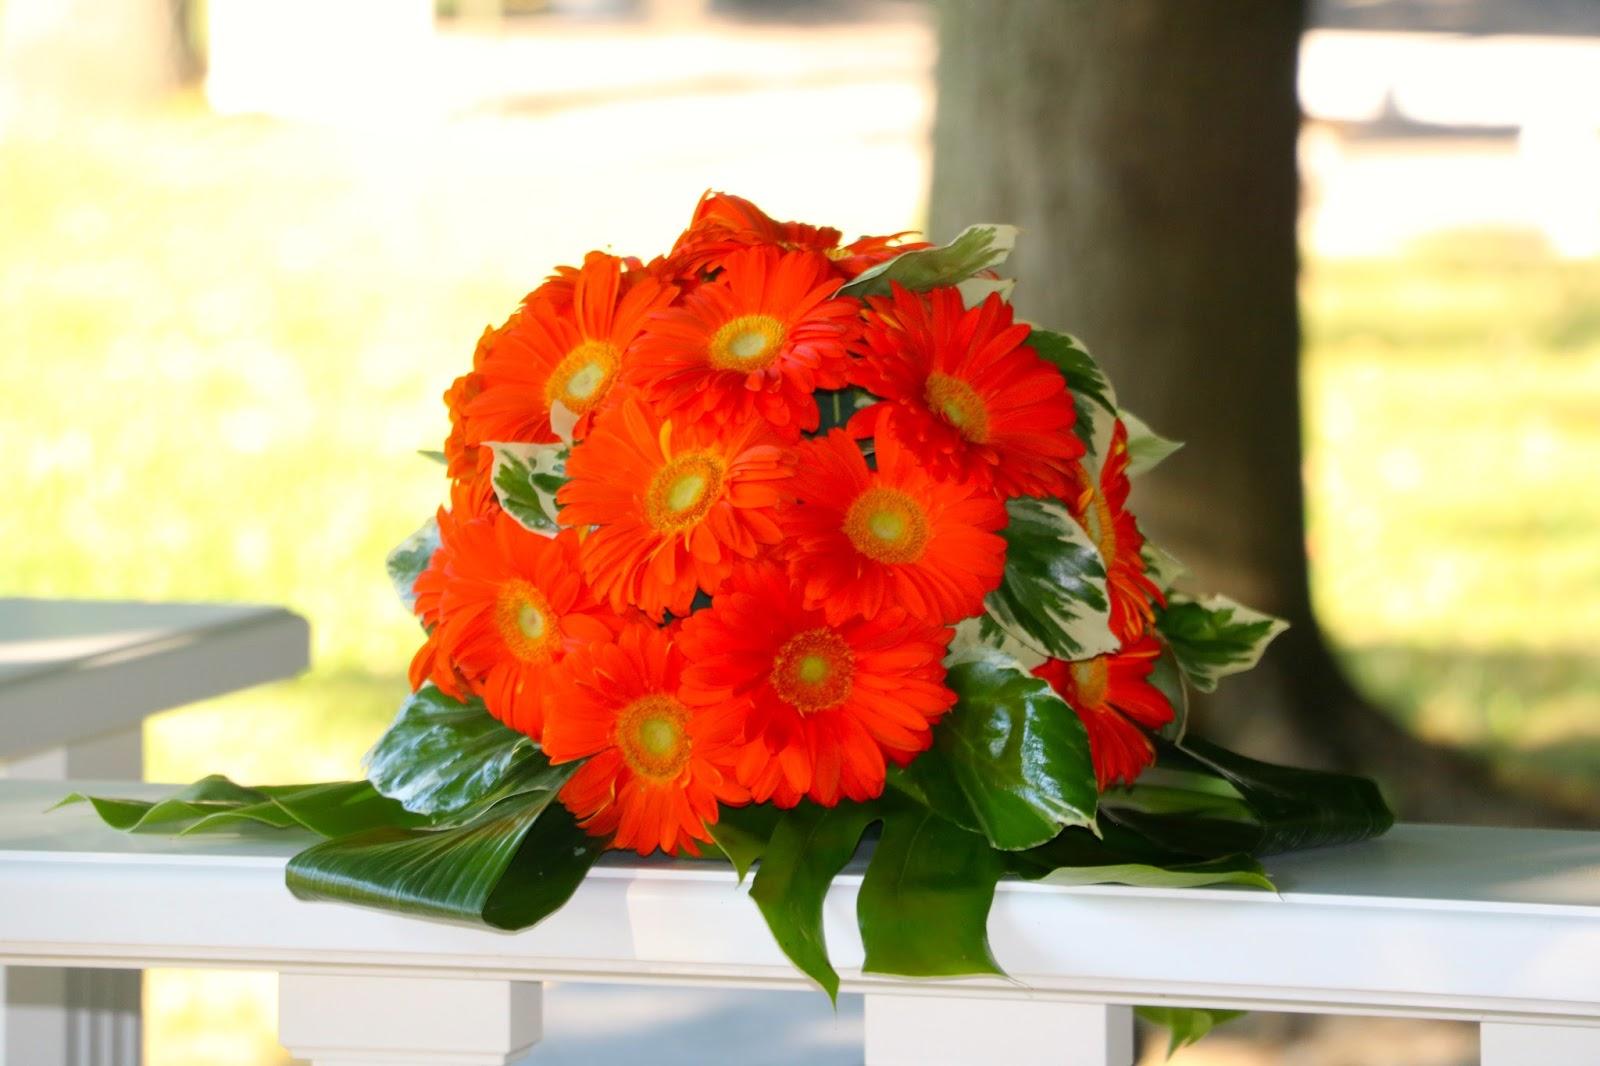 Decorazioni Matrimonio Arancione : Fiori daranciou2026 quale colore migliore per sposarsi? castello dei